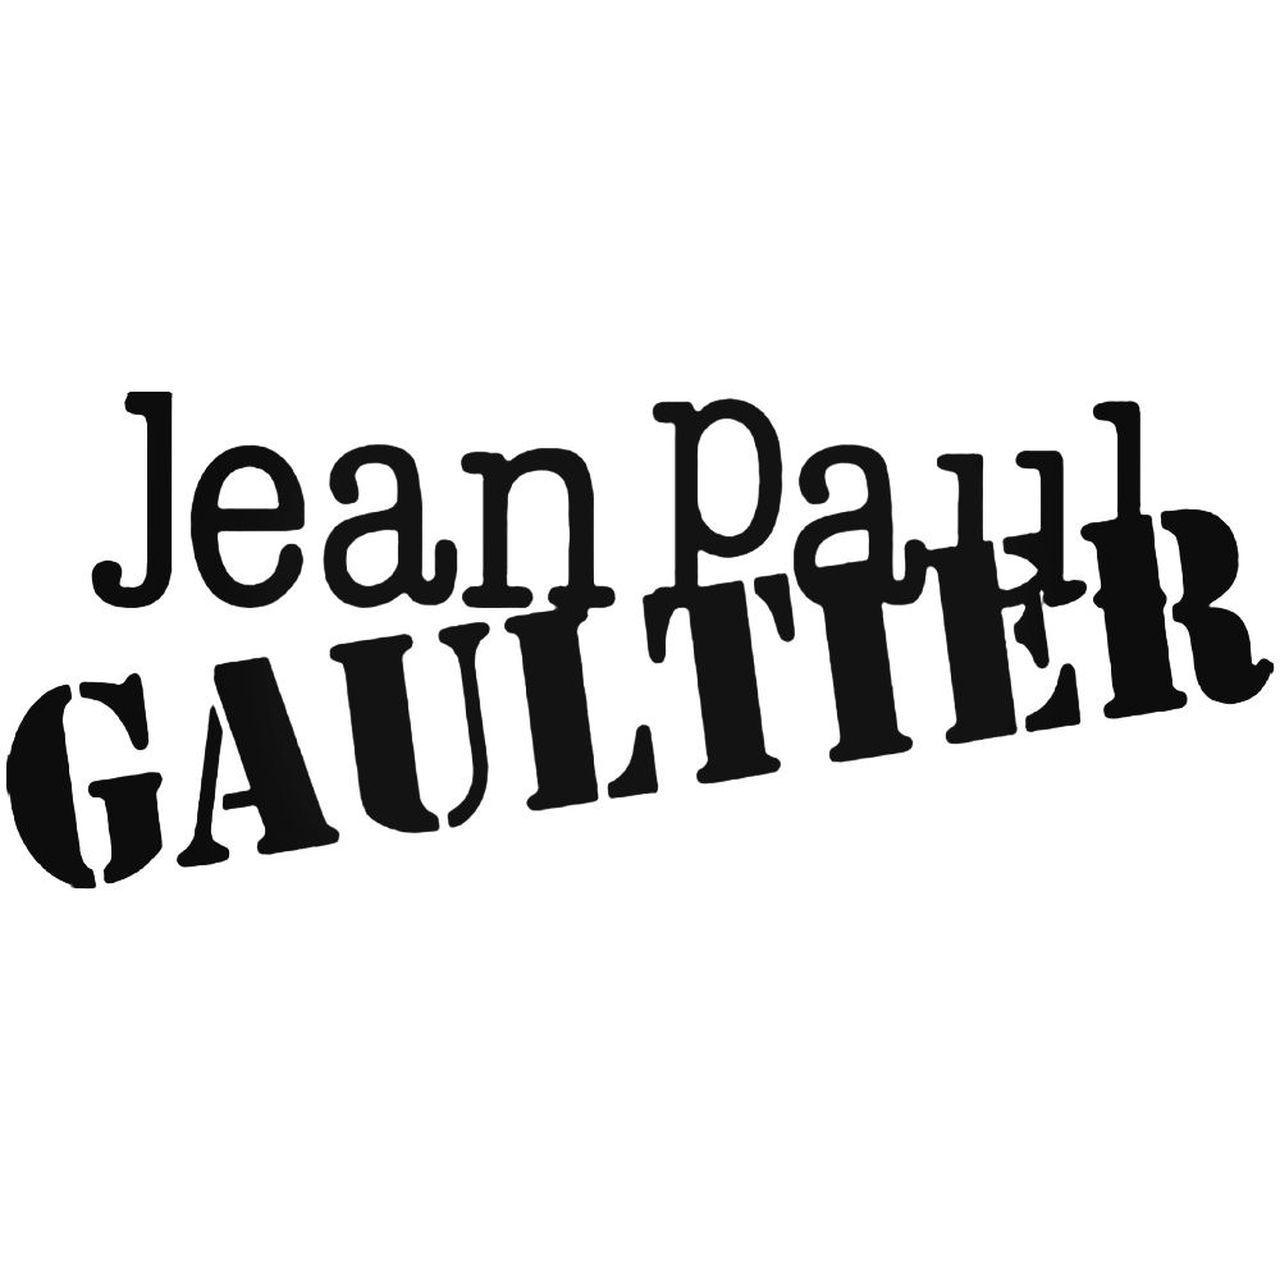 Jean-Paul-Gaultier-Logo-Decal-Sticker__59298.1510913990